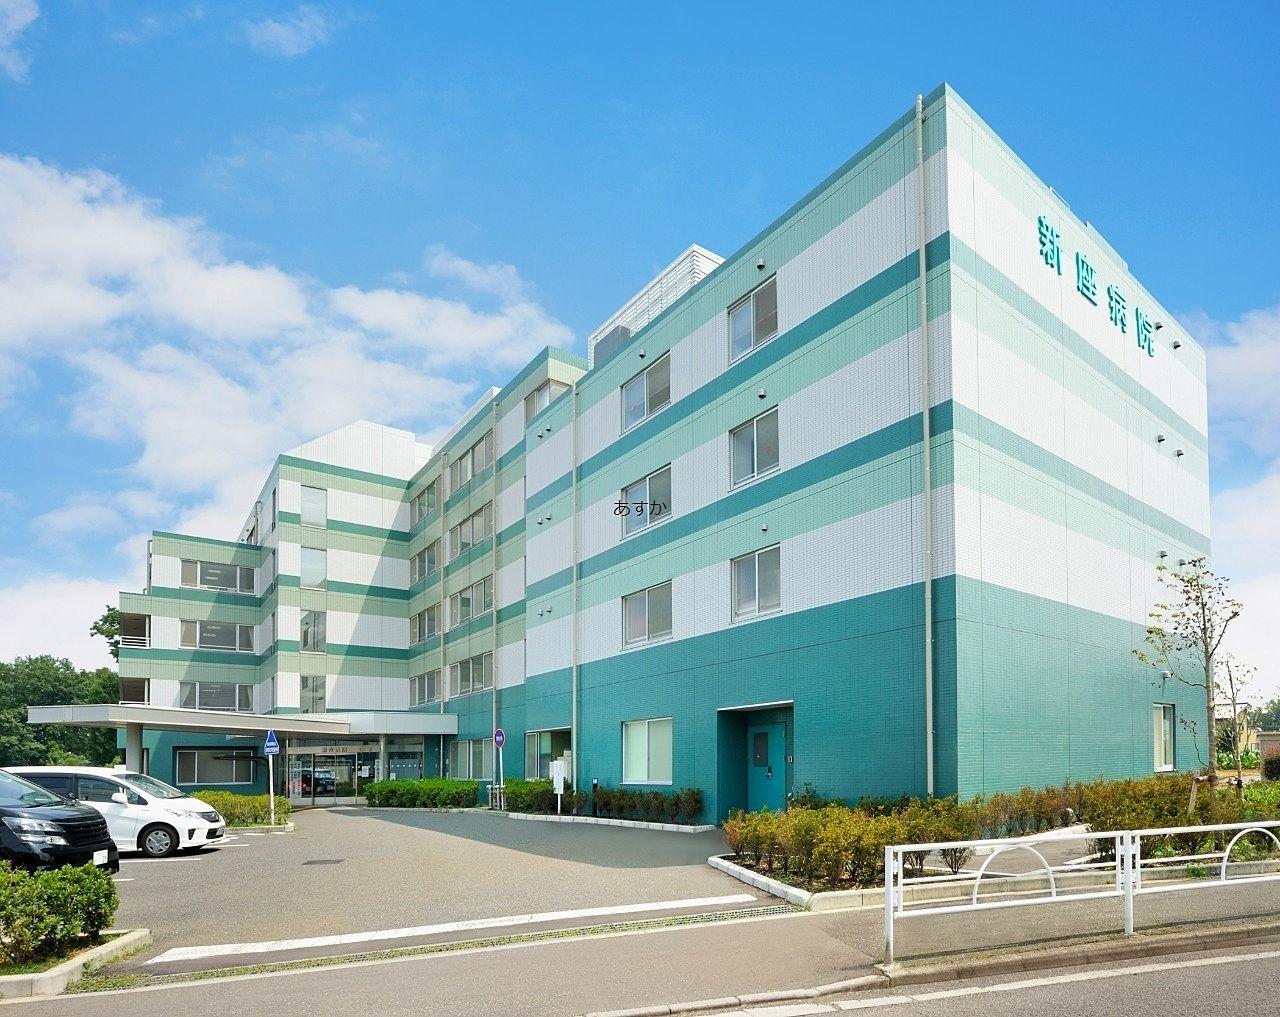 綜合病院 新座病院